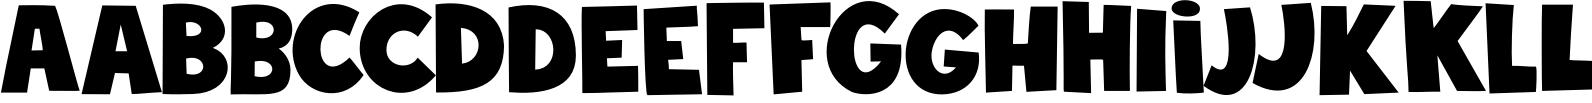 Sticky Toffee